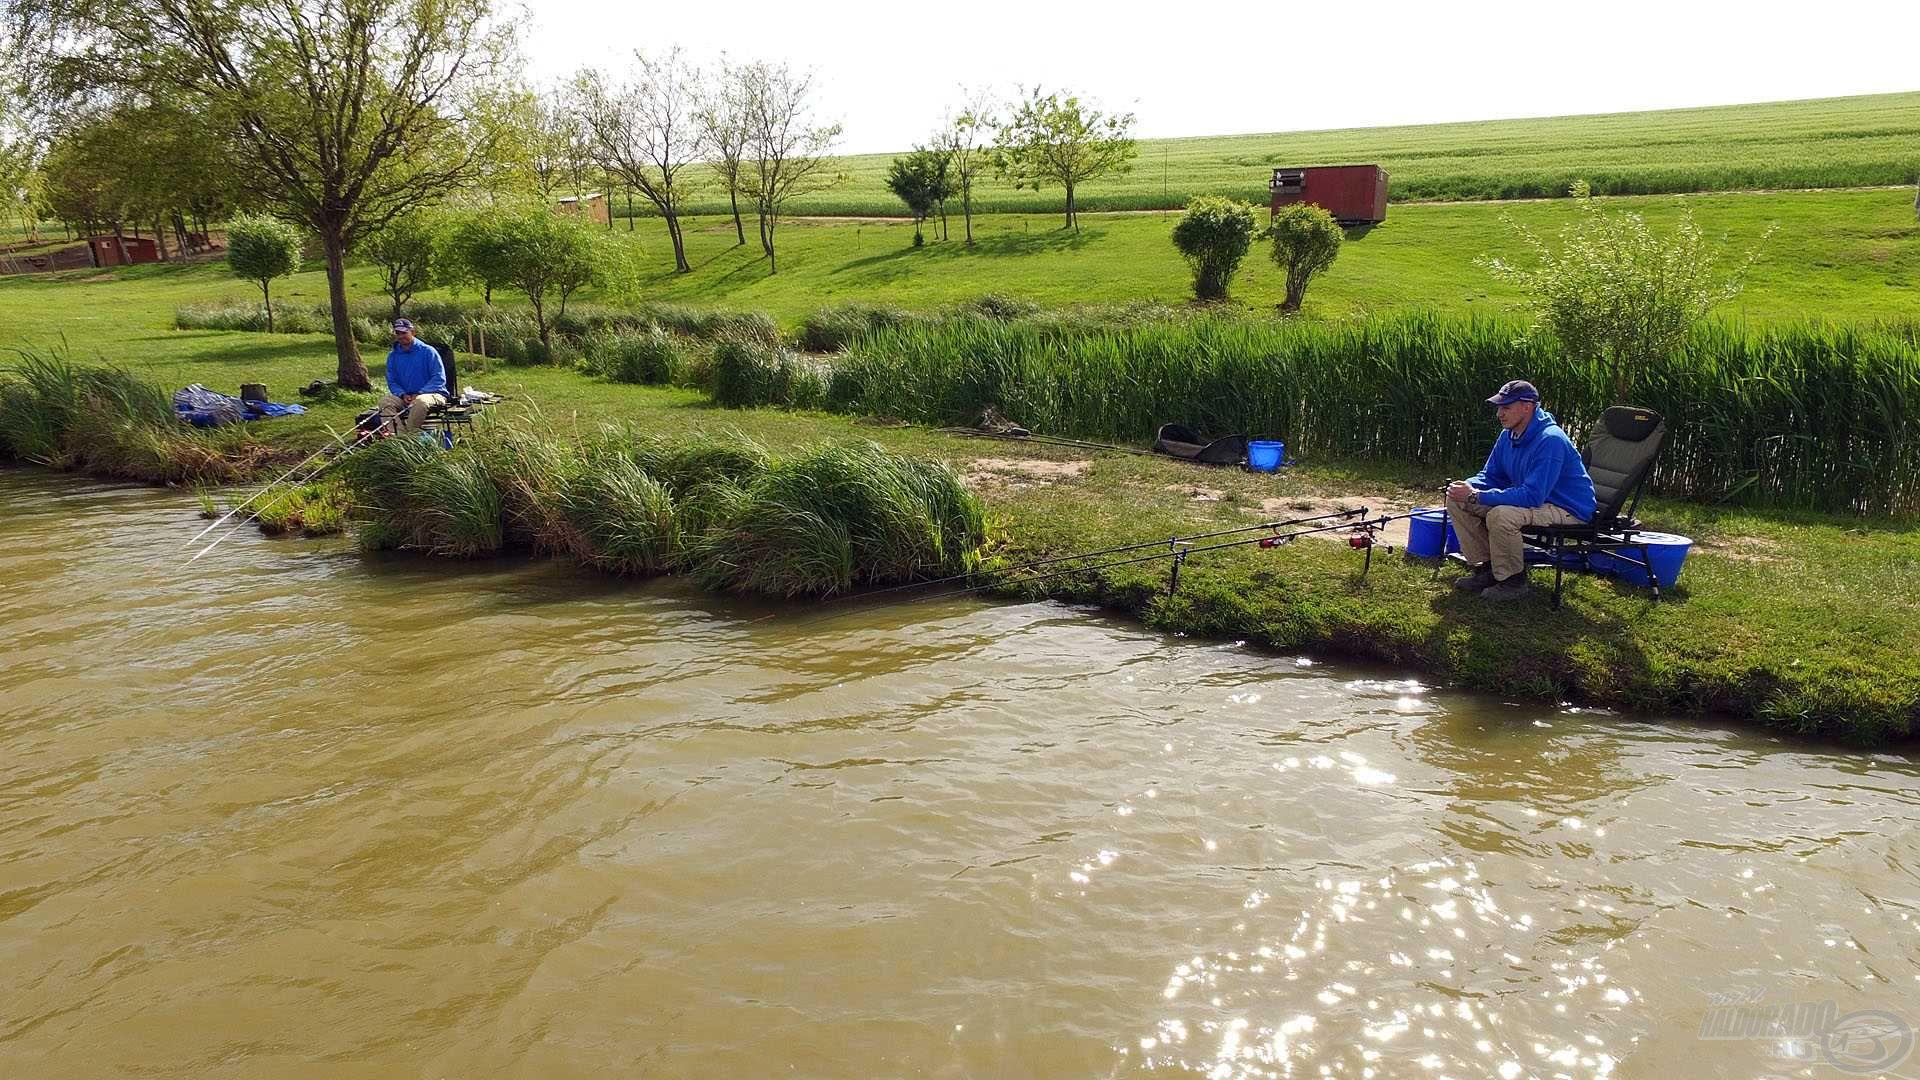 Öröm volt horgászni a gyönyörű, üde zöld környezetben